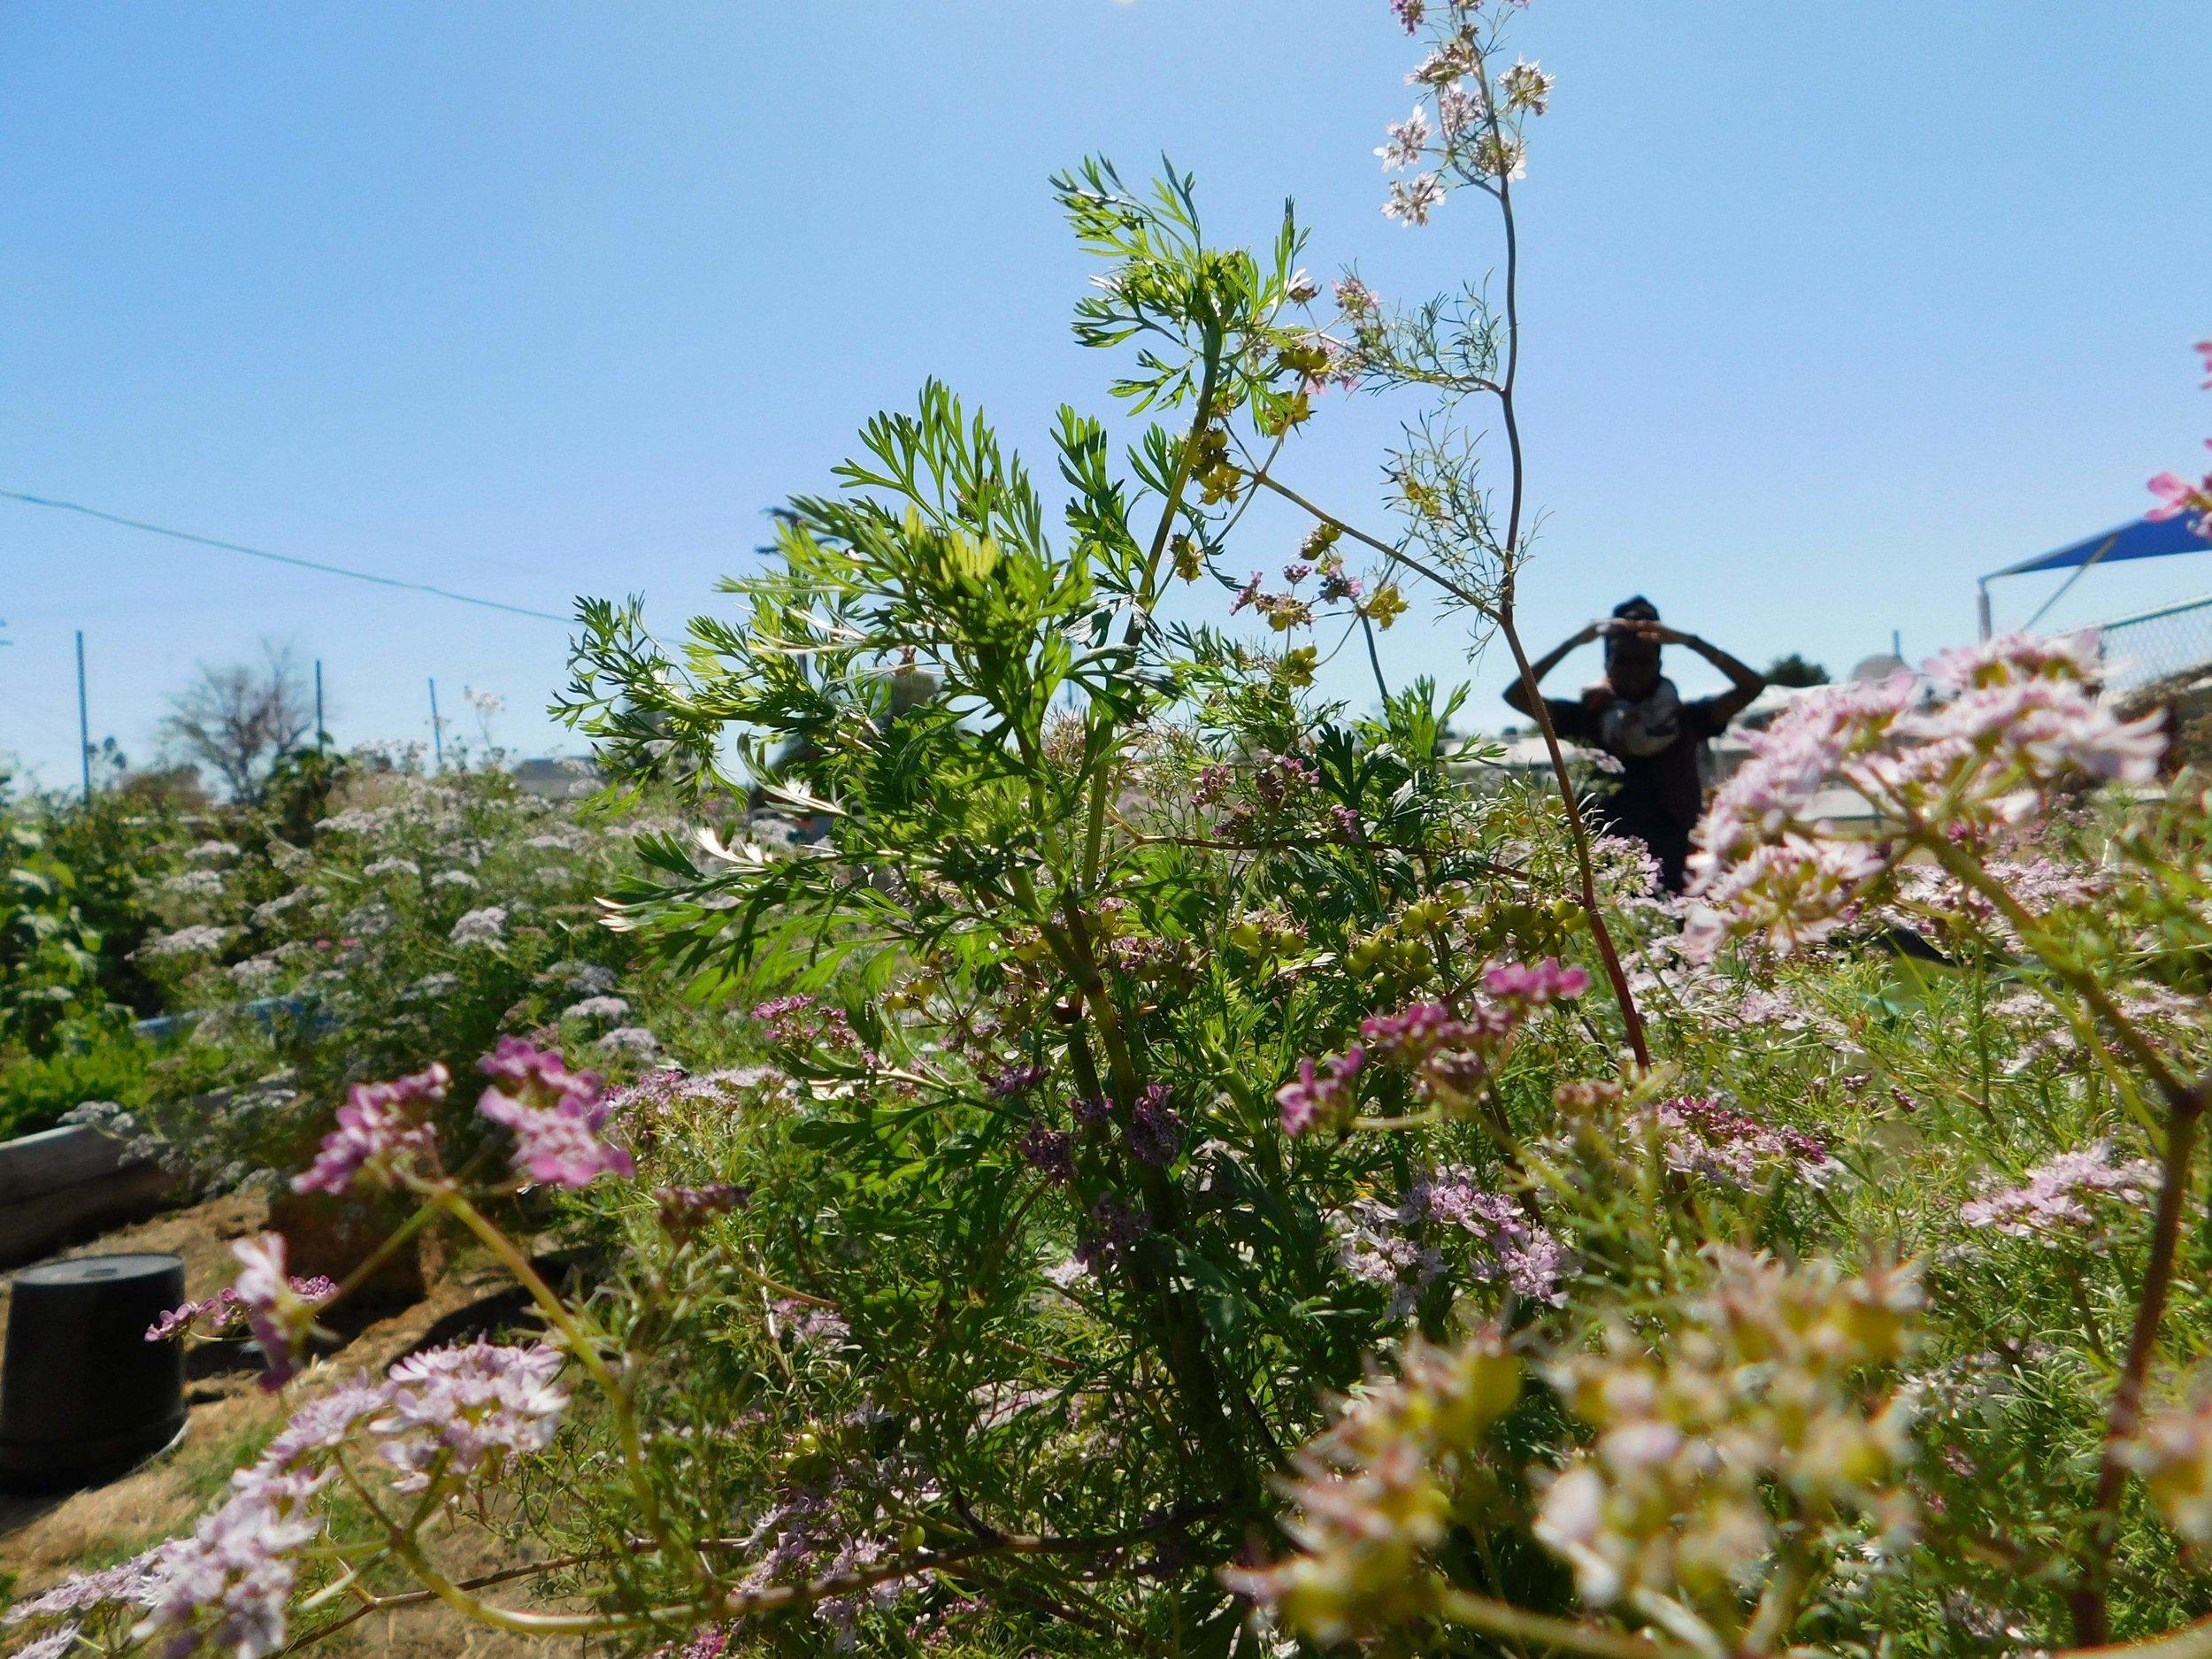 photo cred:  Huey Amaru   Harding Elementary School Garden - El Centro, CA